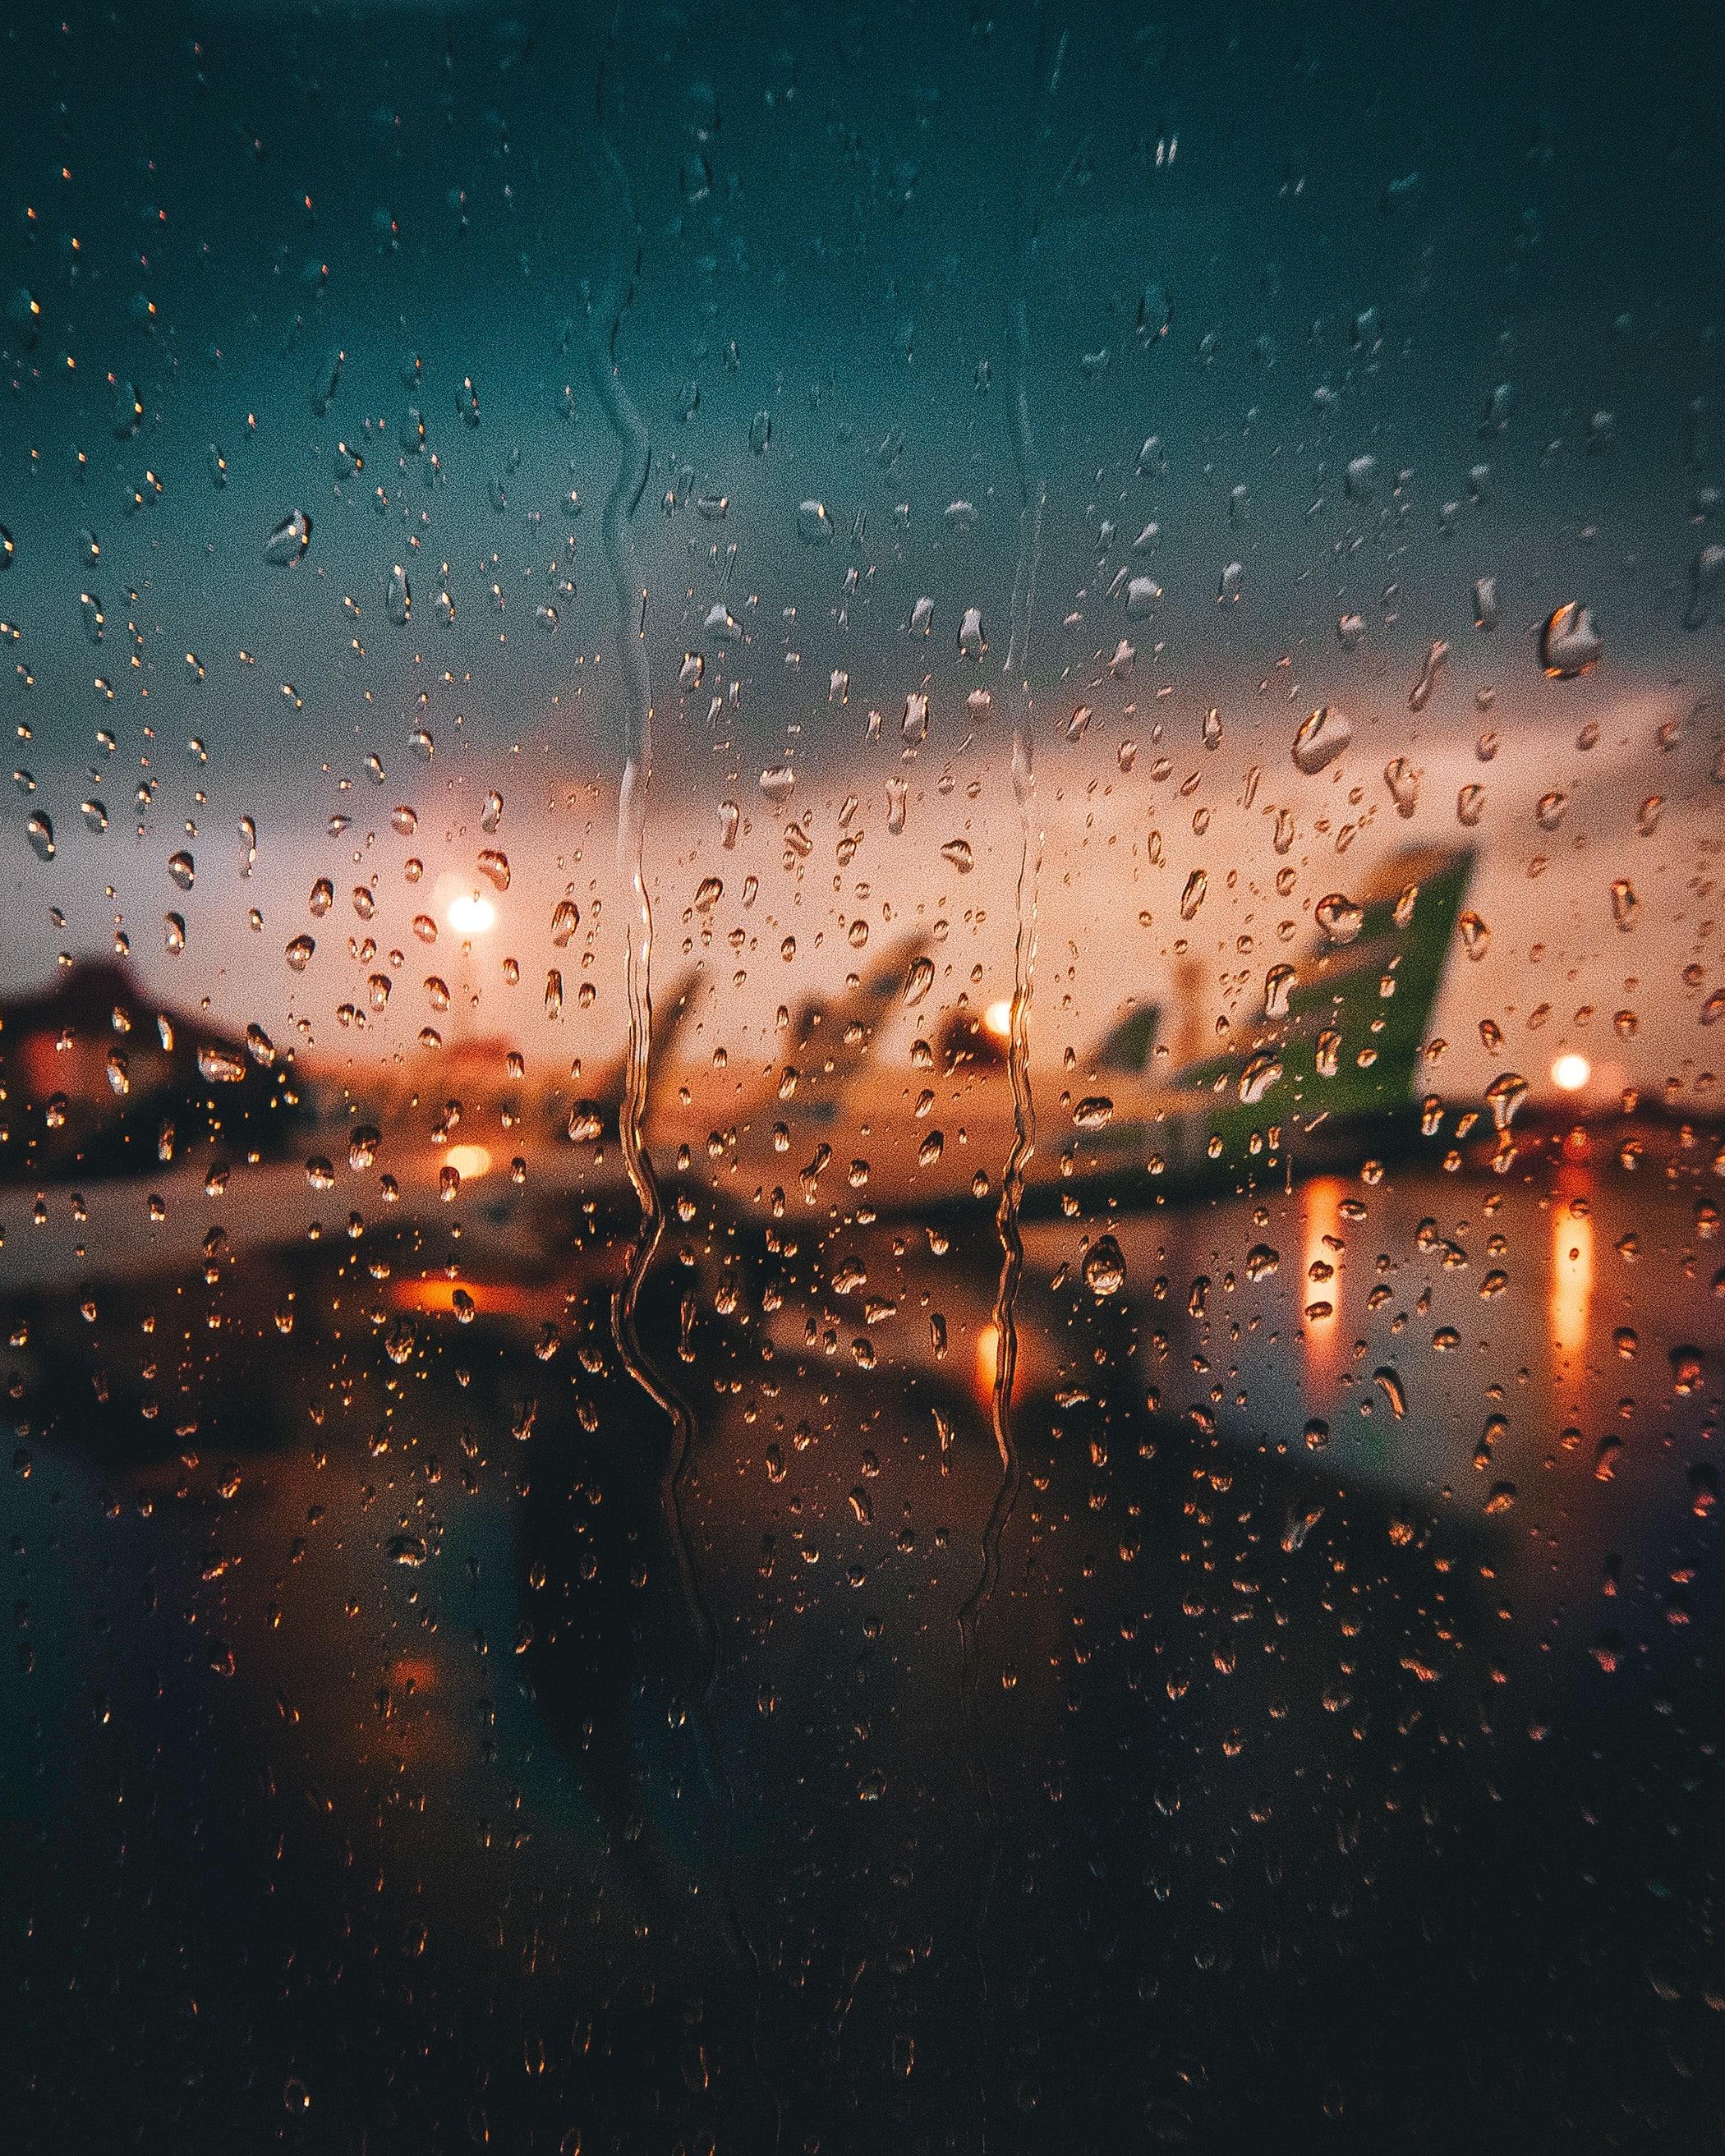 Airport & Rain